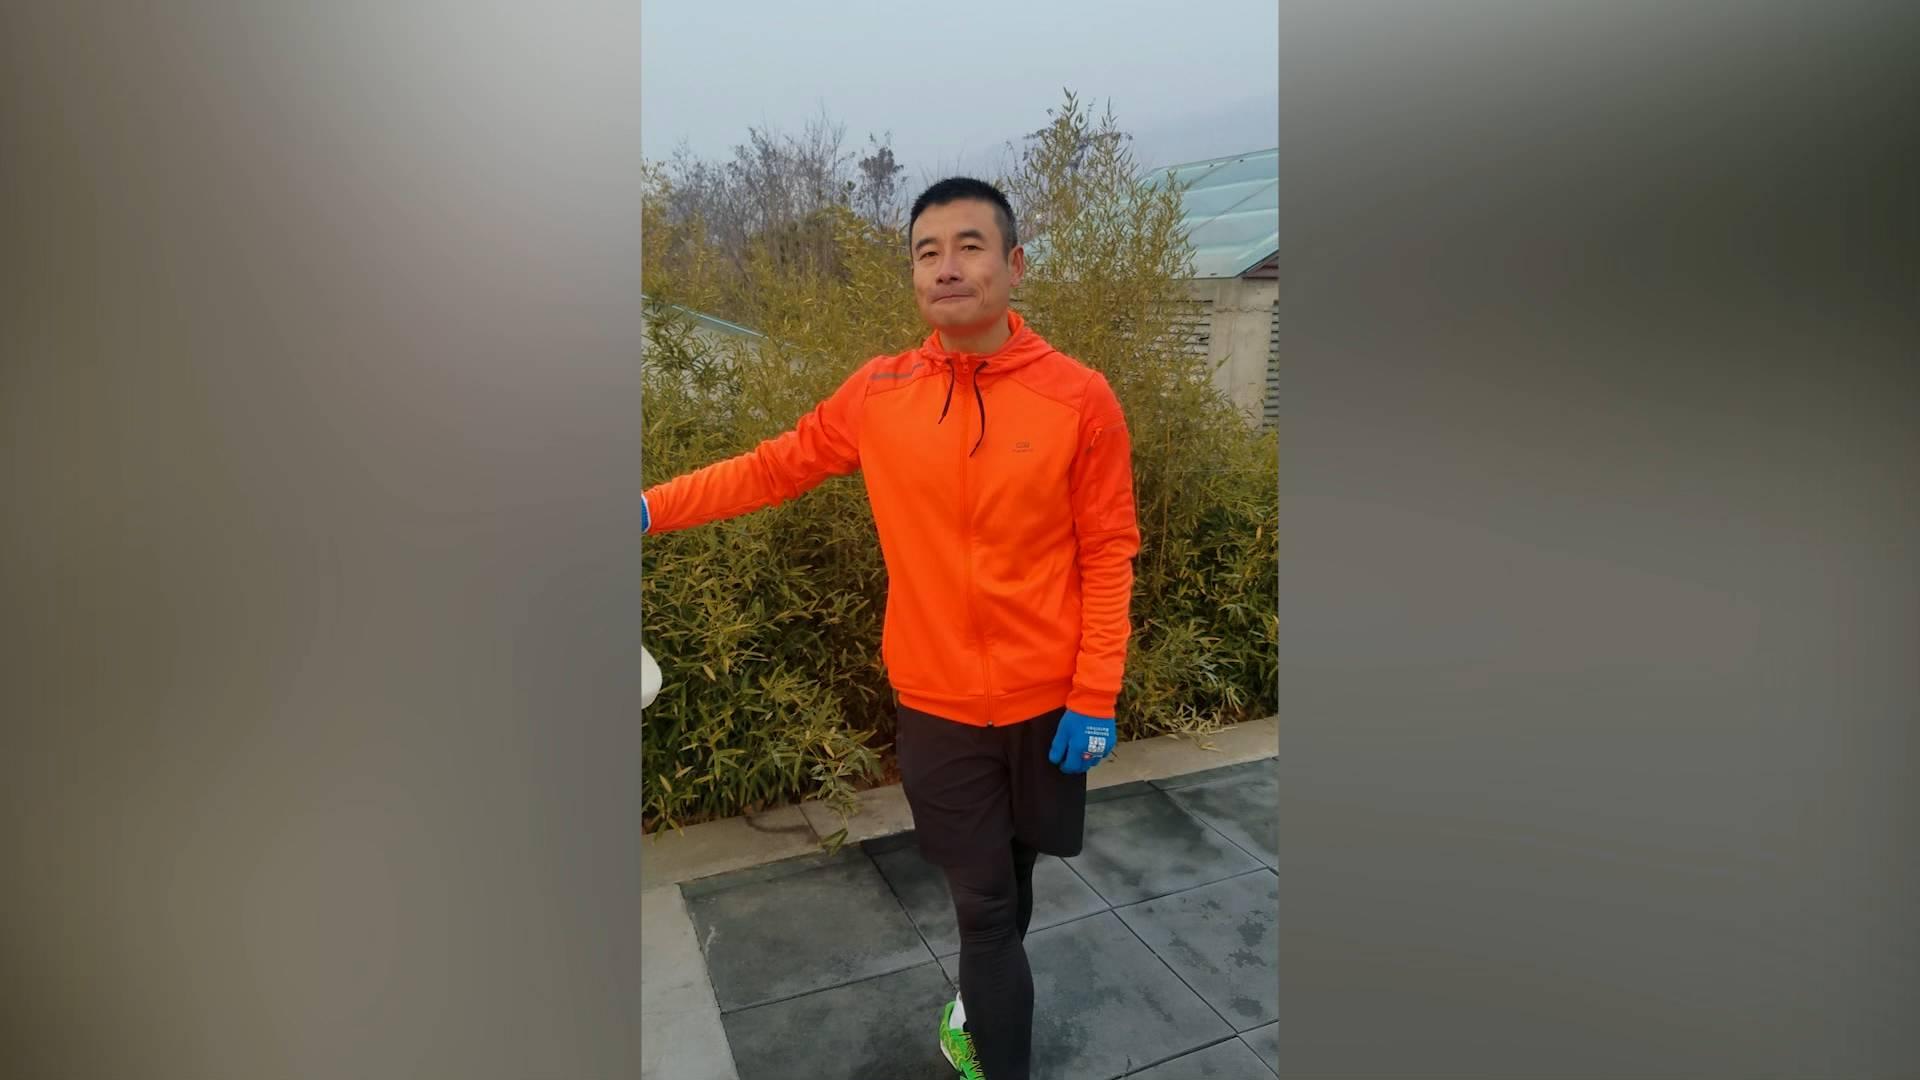 """我拍新山东丨家门口参加国际比赛 泰安""""型男"""":感觉真棒!"""